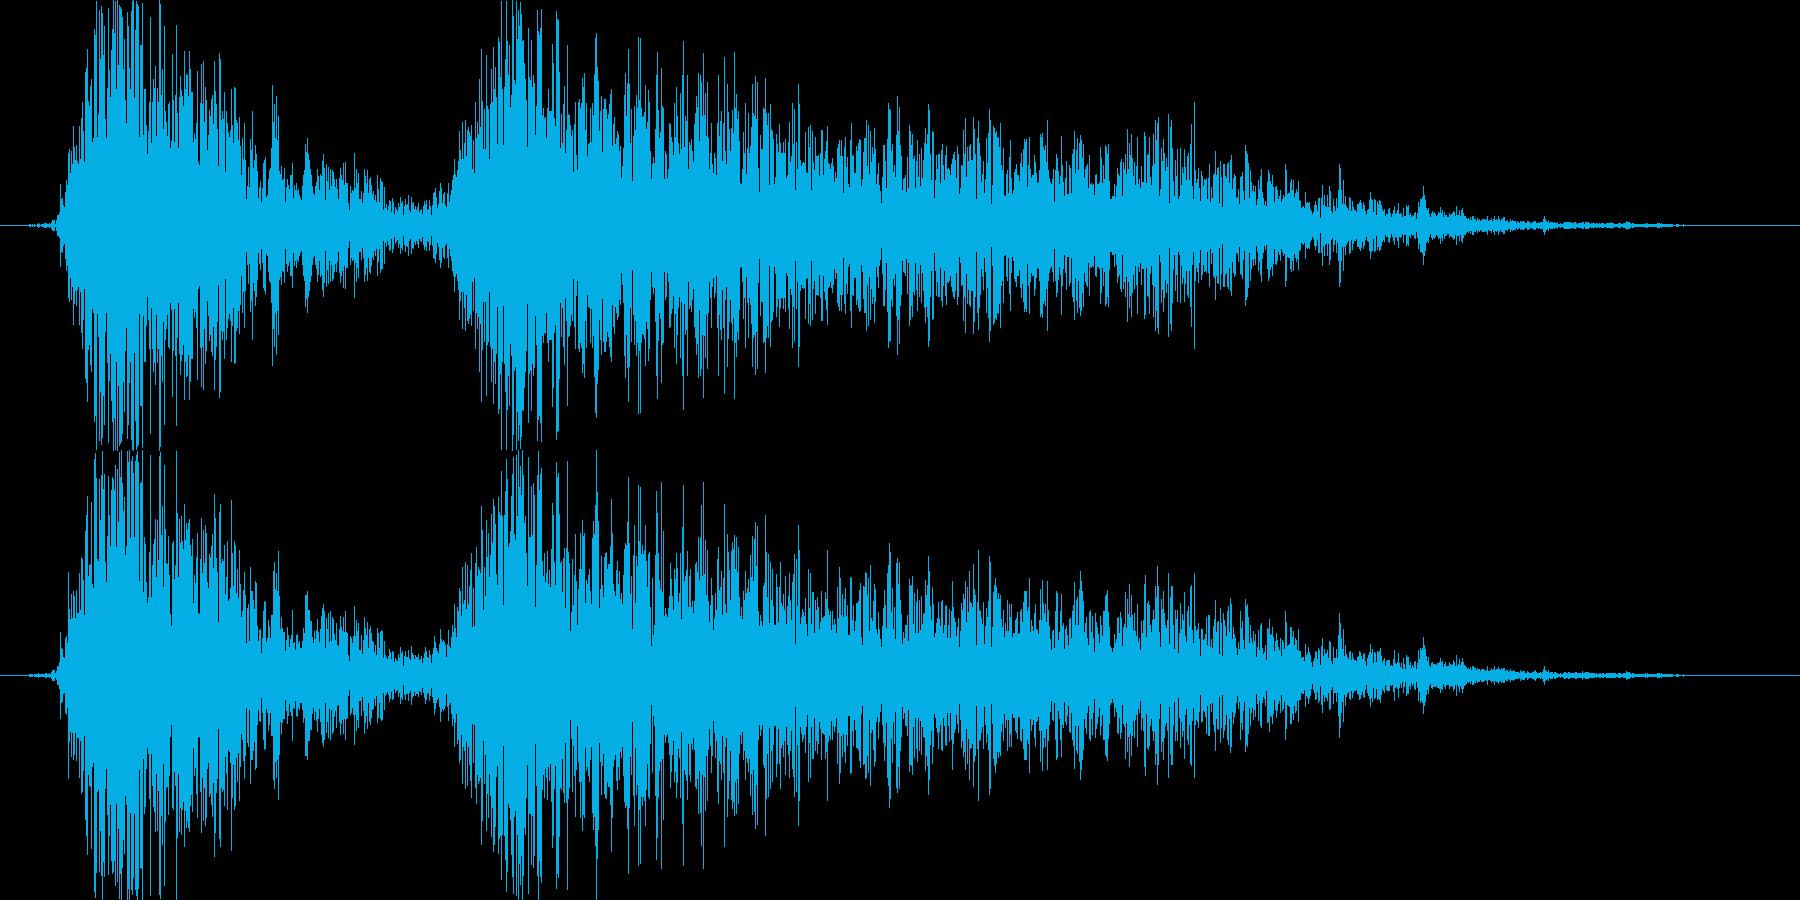 ライオン、猛獣、怪獣、鳴き声、うなり声の再生済みの波形